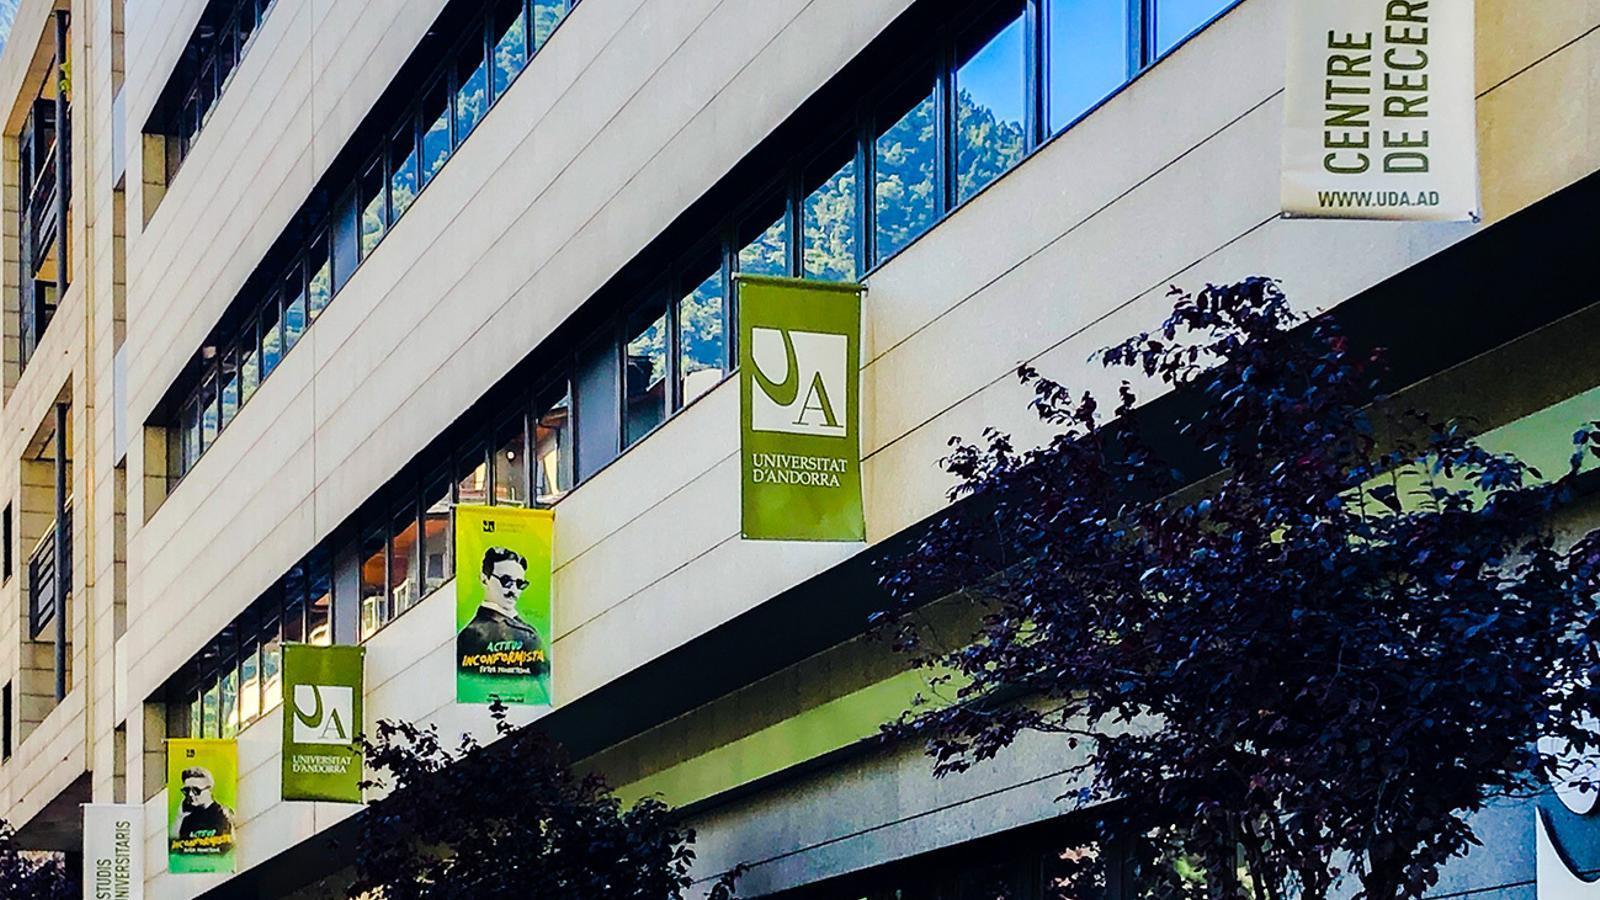 La façana de la Universitat d'Andorra (UdA). / UNIVERSITAT D'ANDORRA